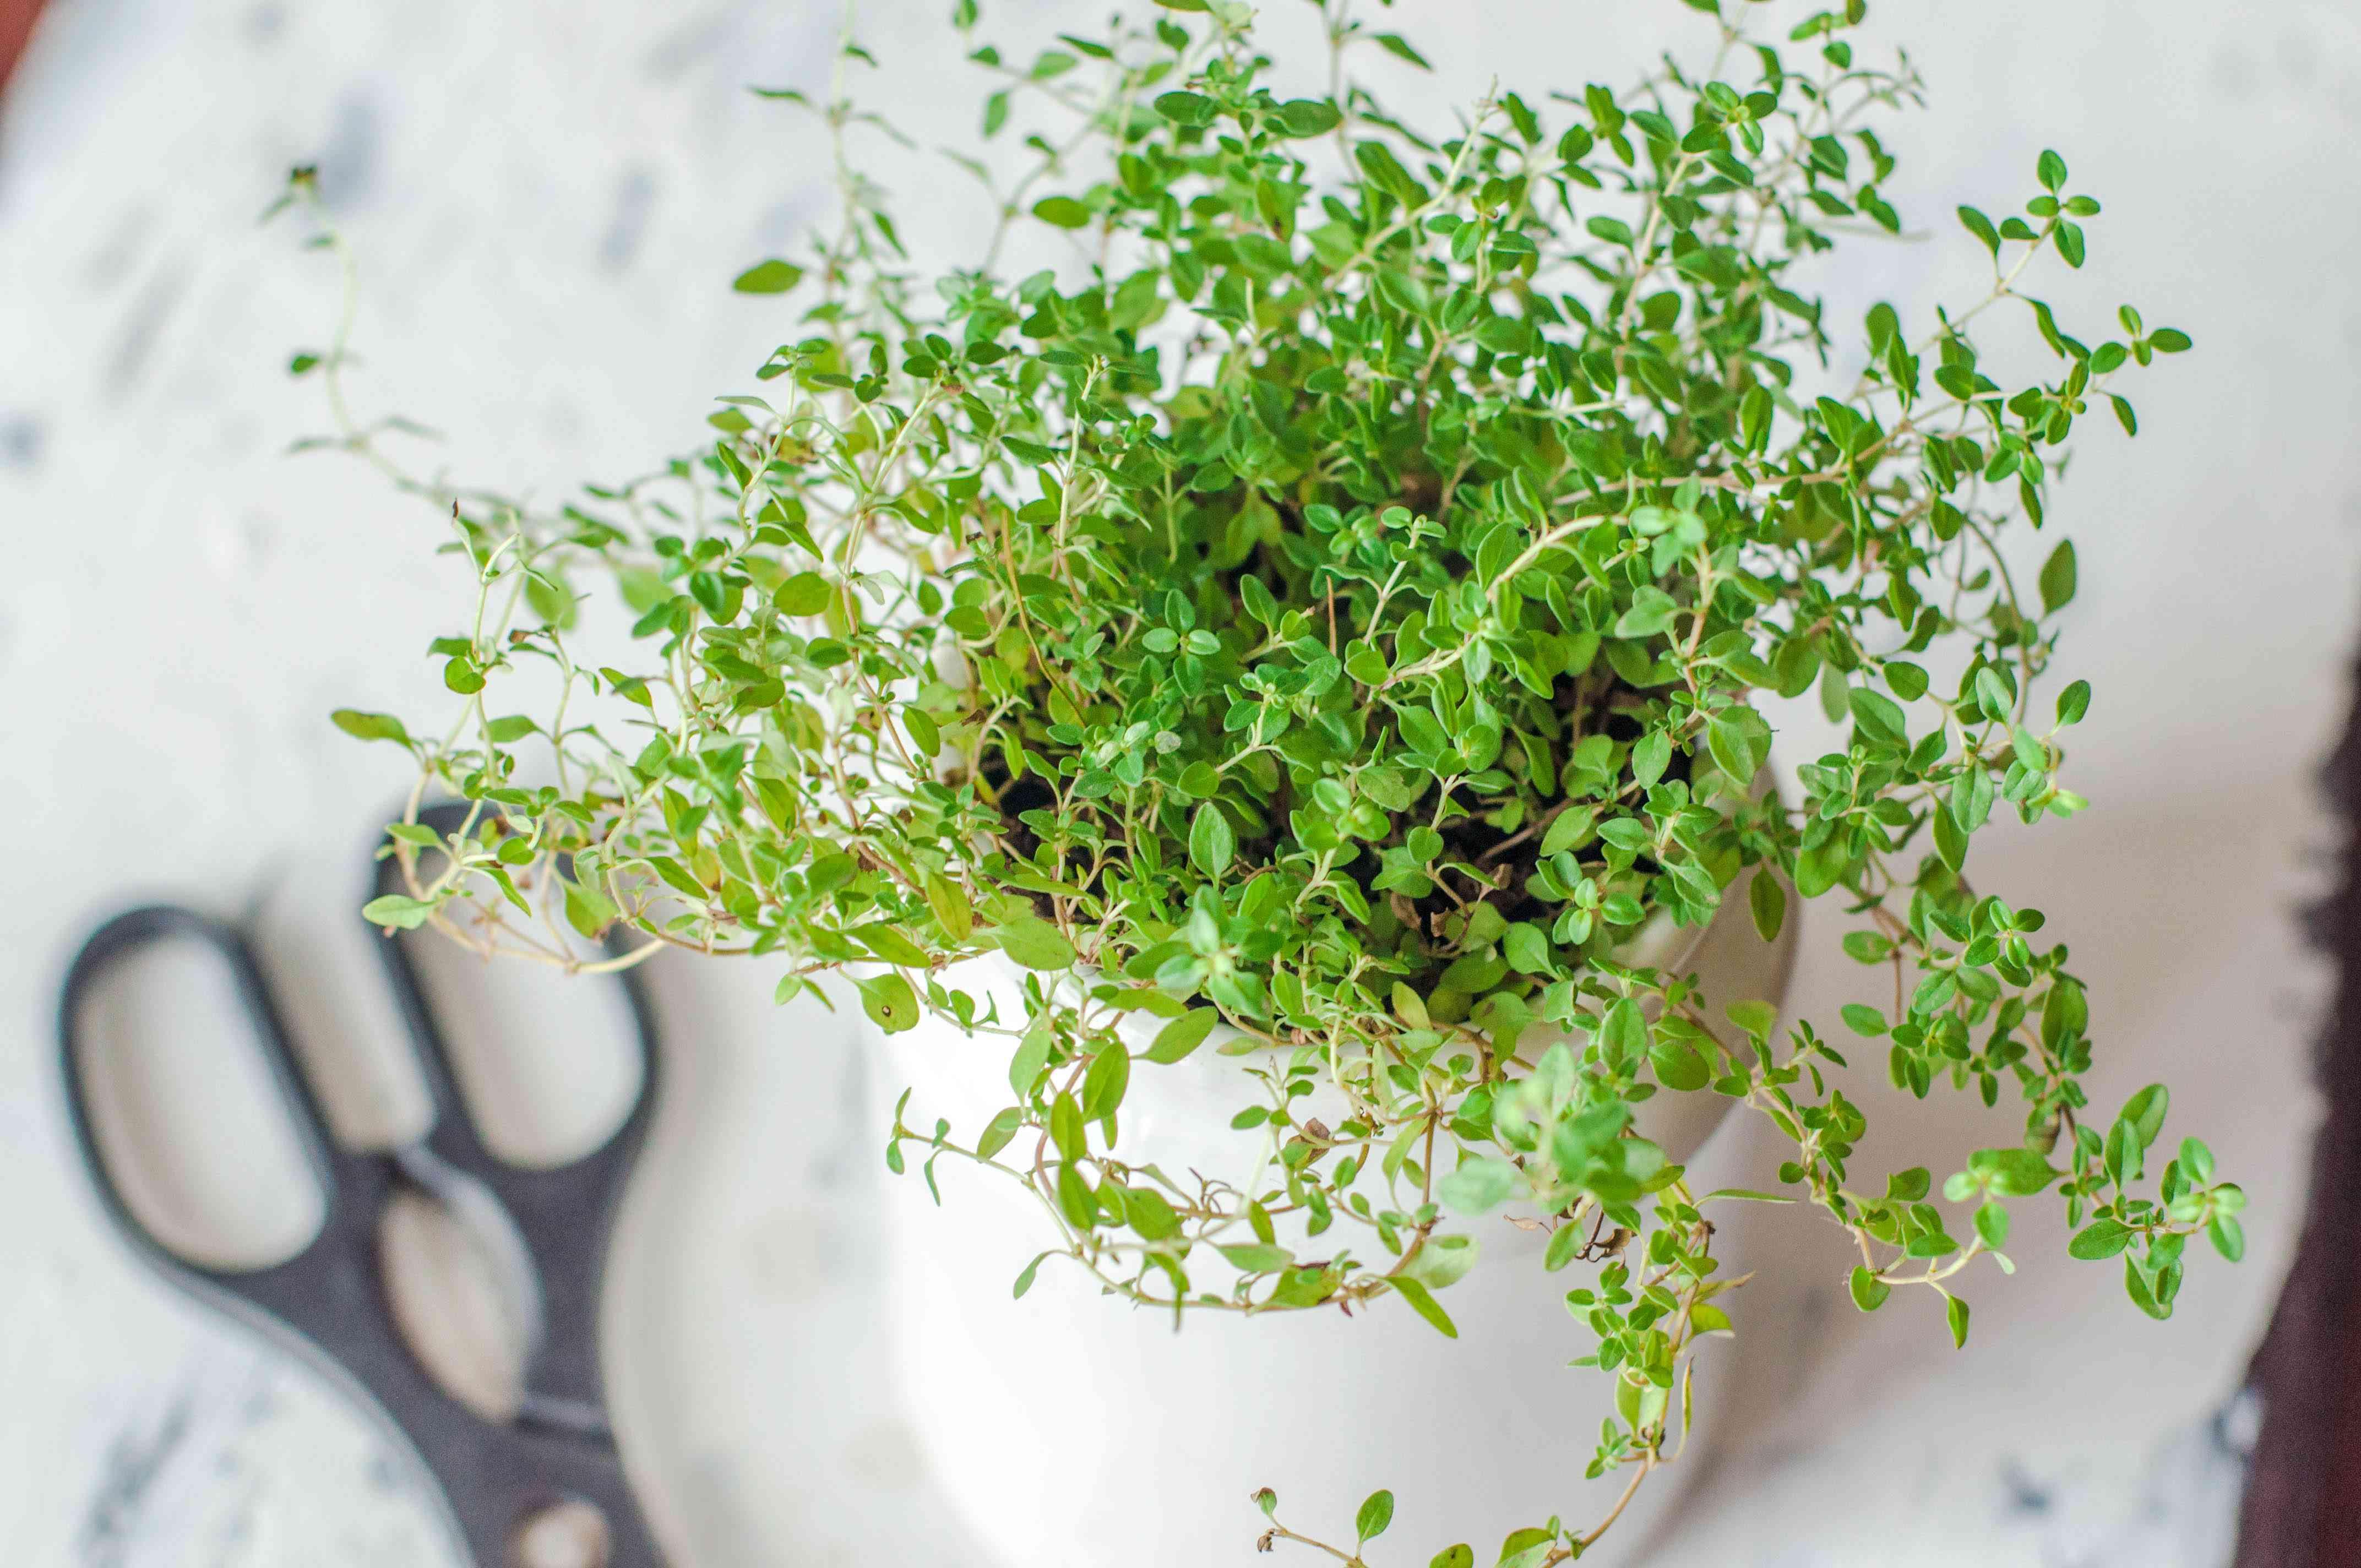 Planta de tomillo en una maceta blanca